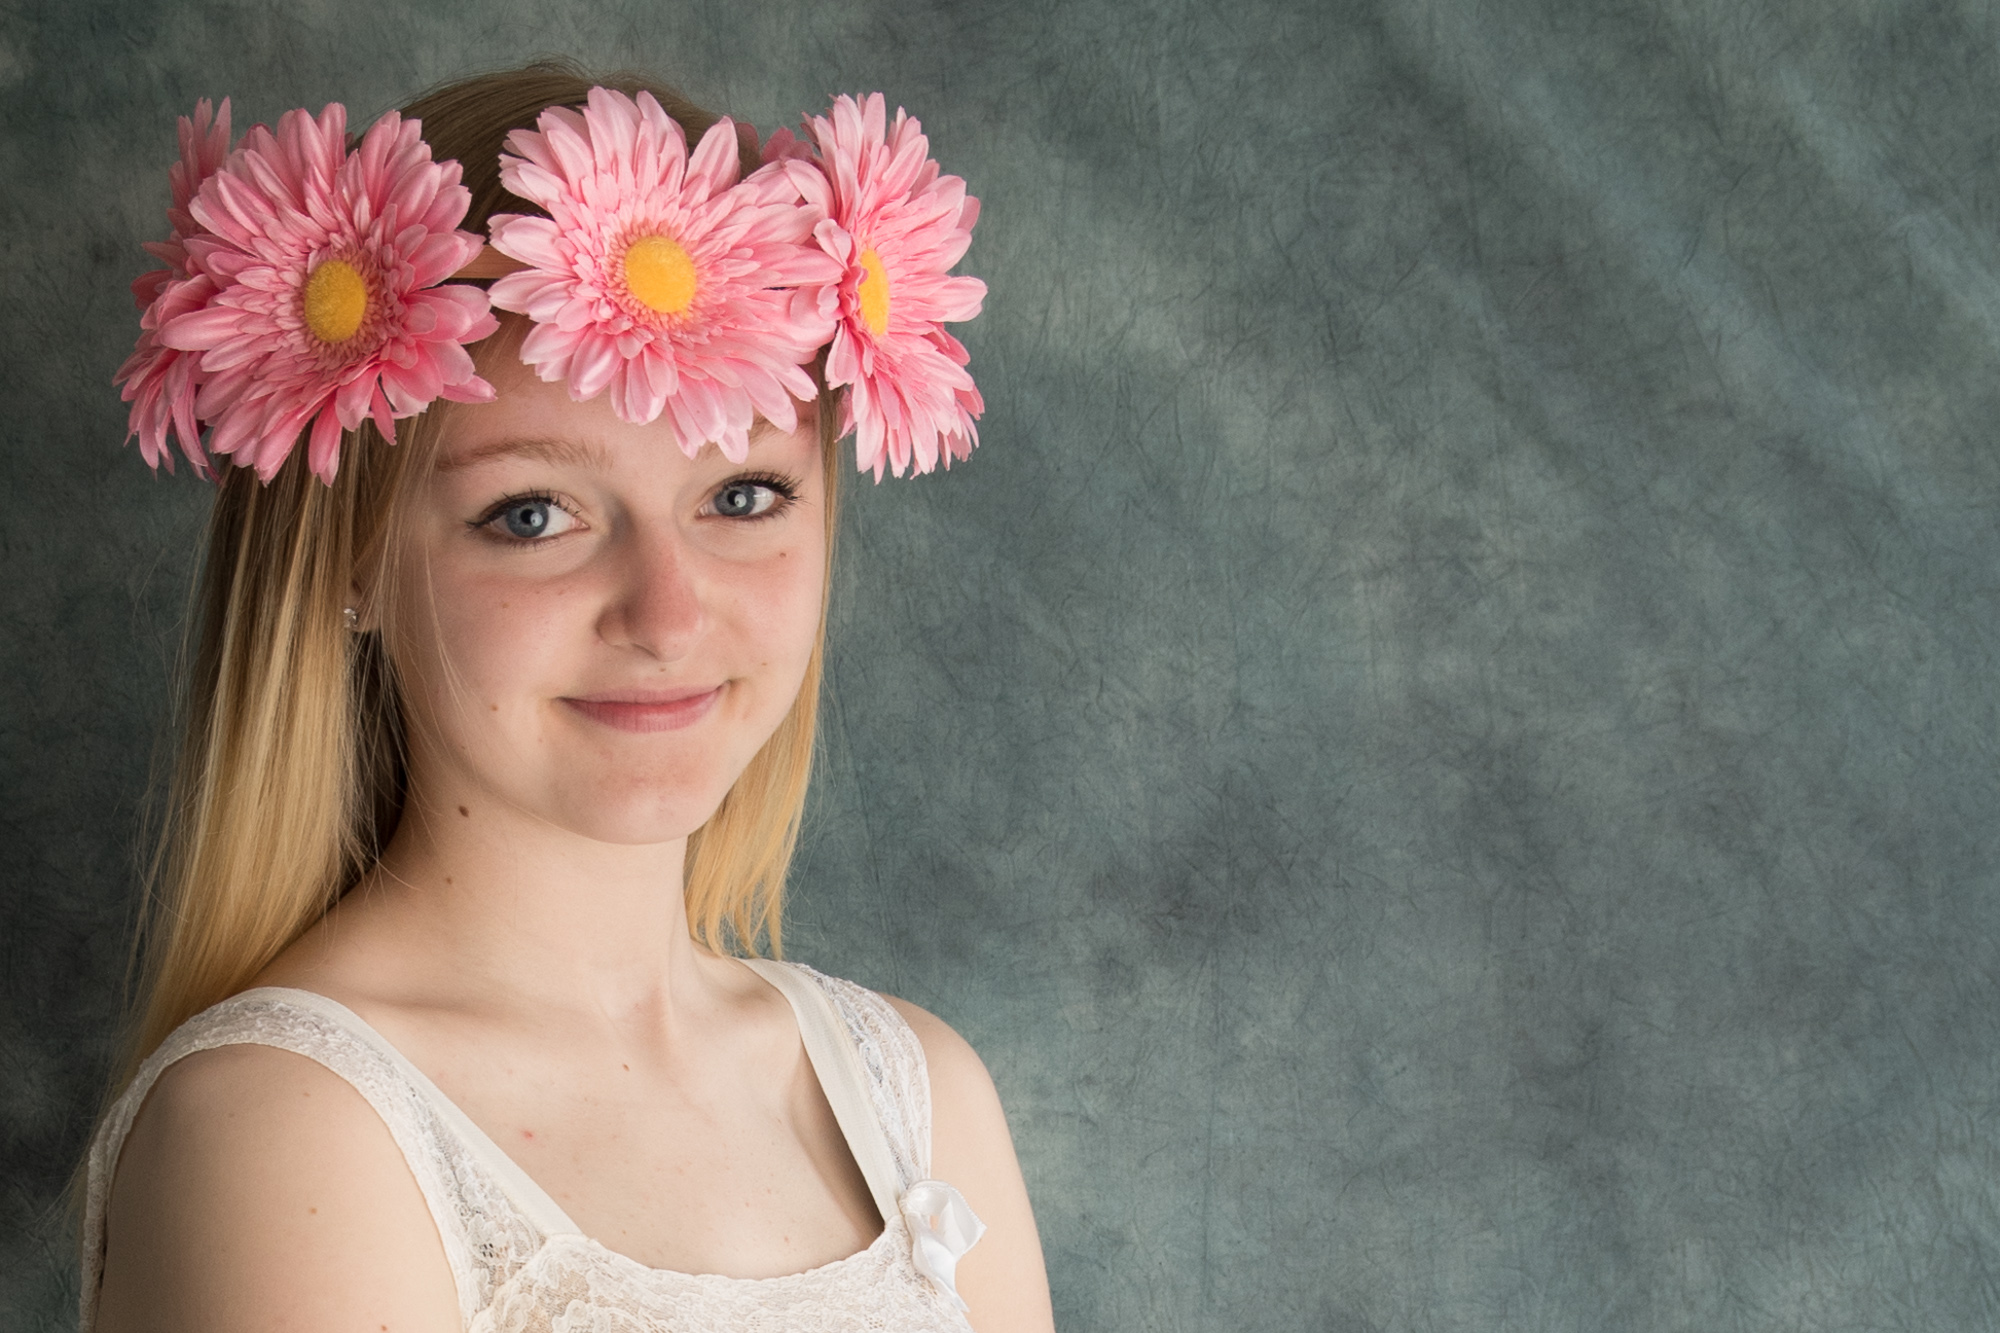 Flower Crown Beauty